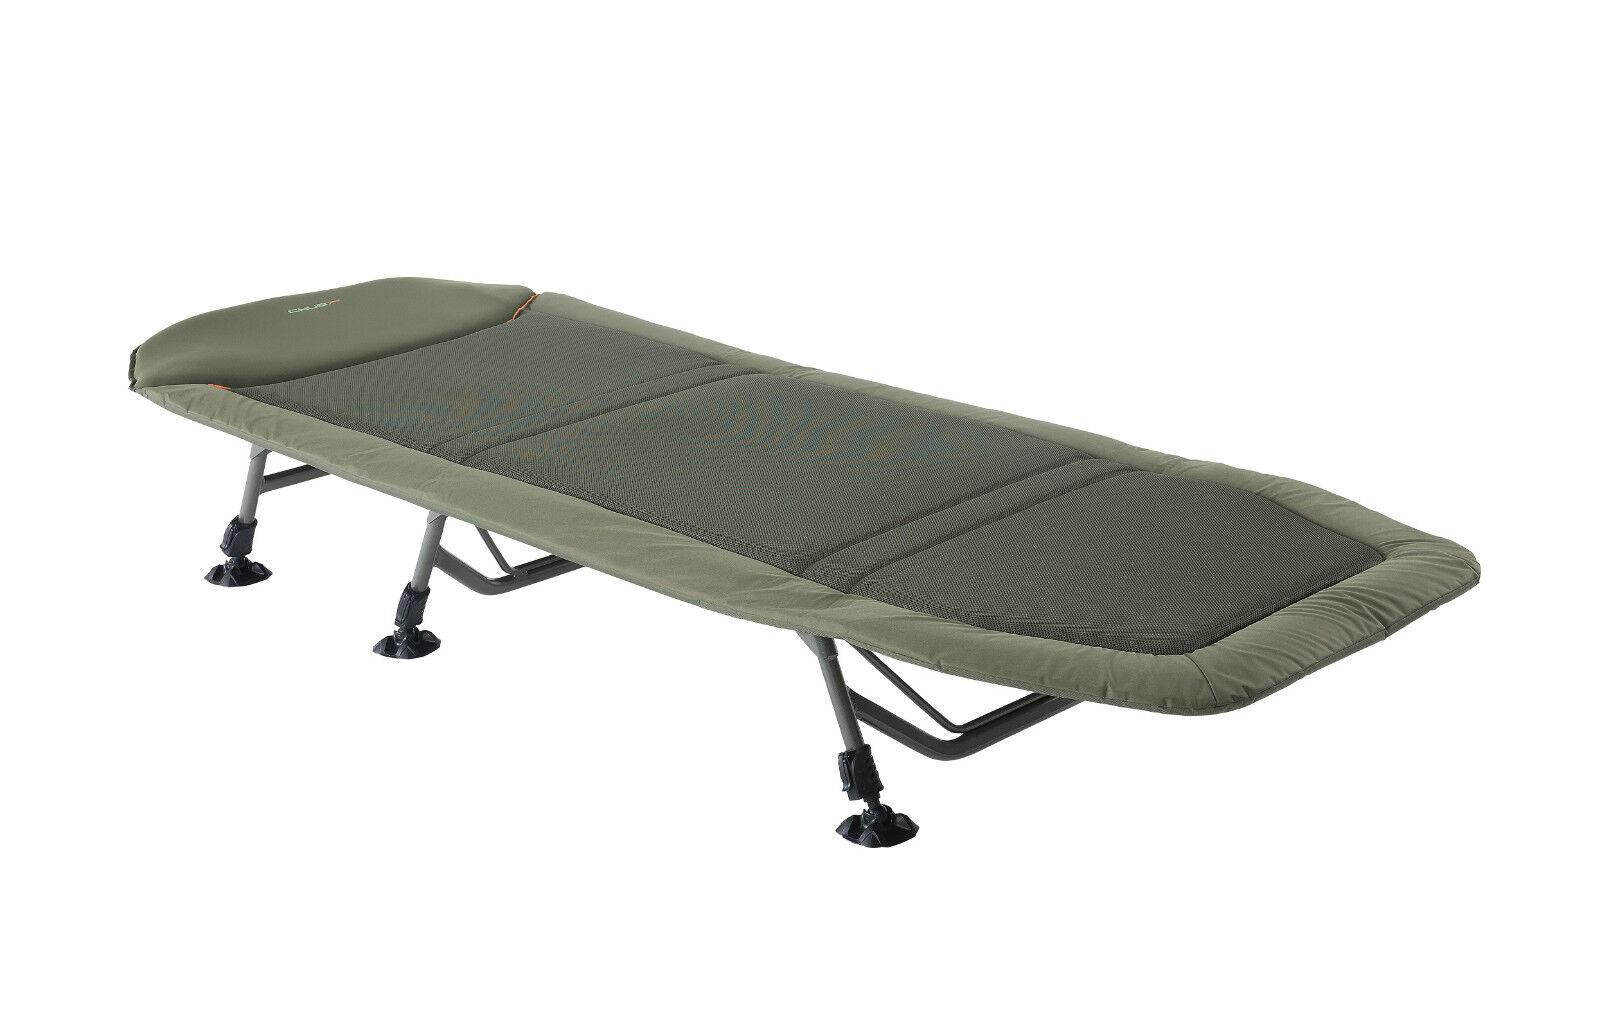 Chub Outkast Flatbed 1377364 Liege Angelliege Karpfenliegen Bedchair Bed Chair